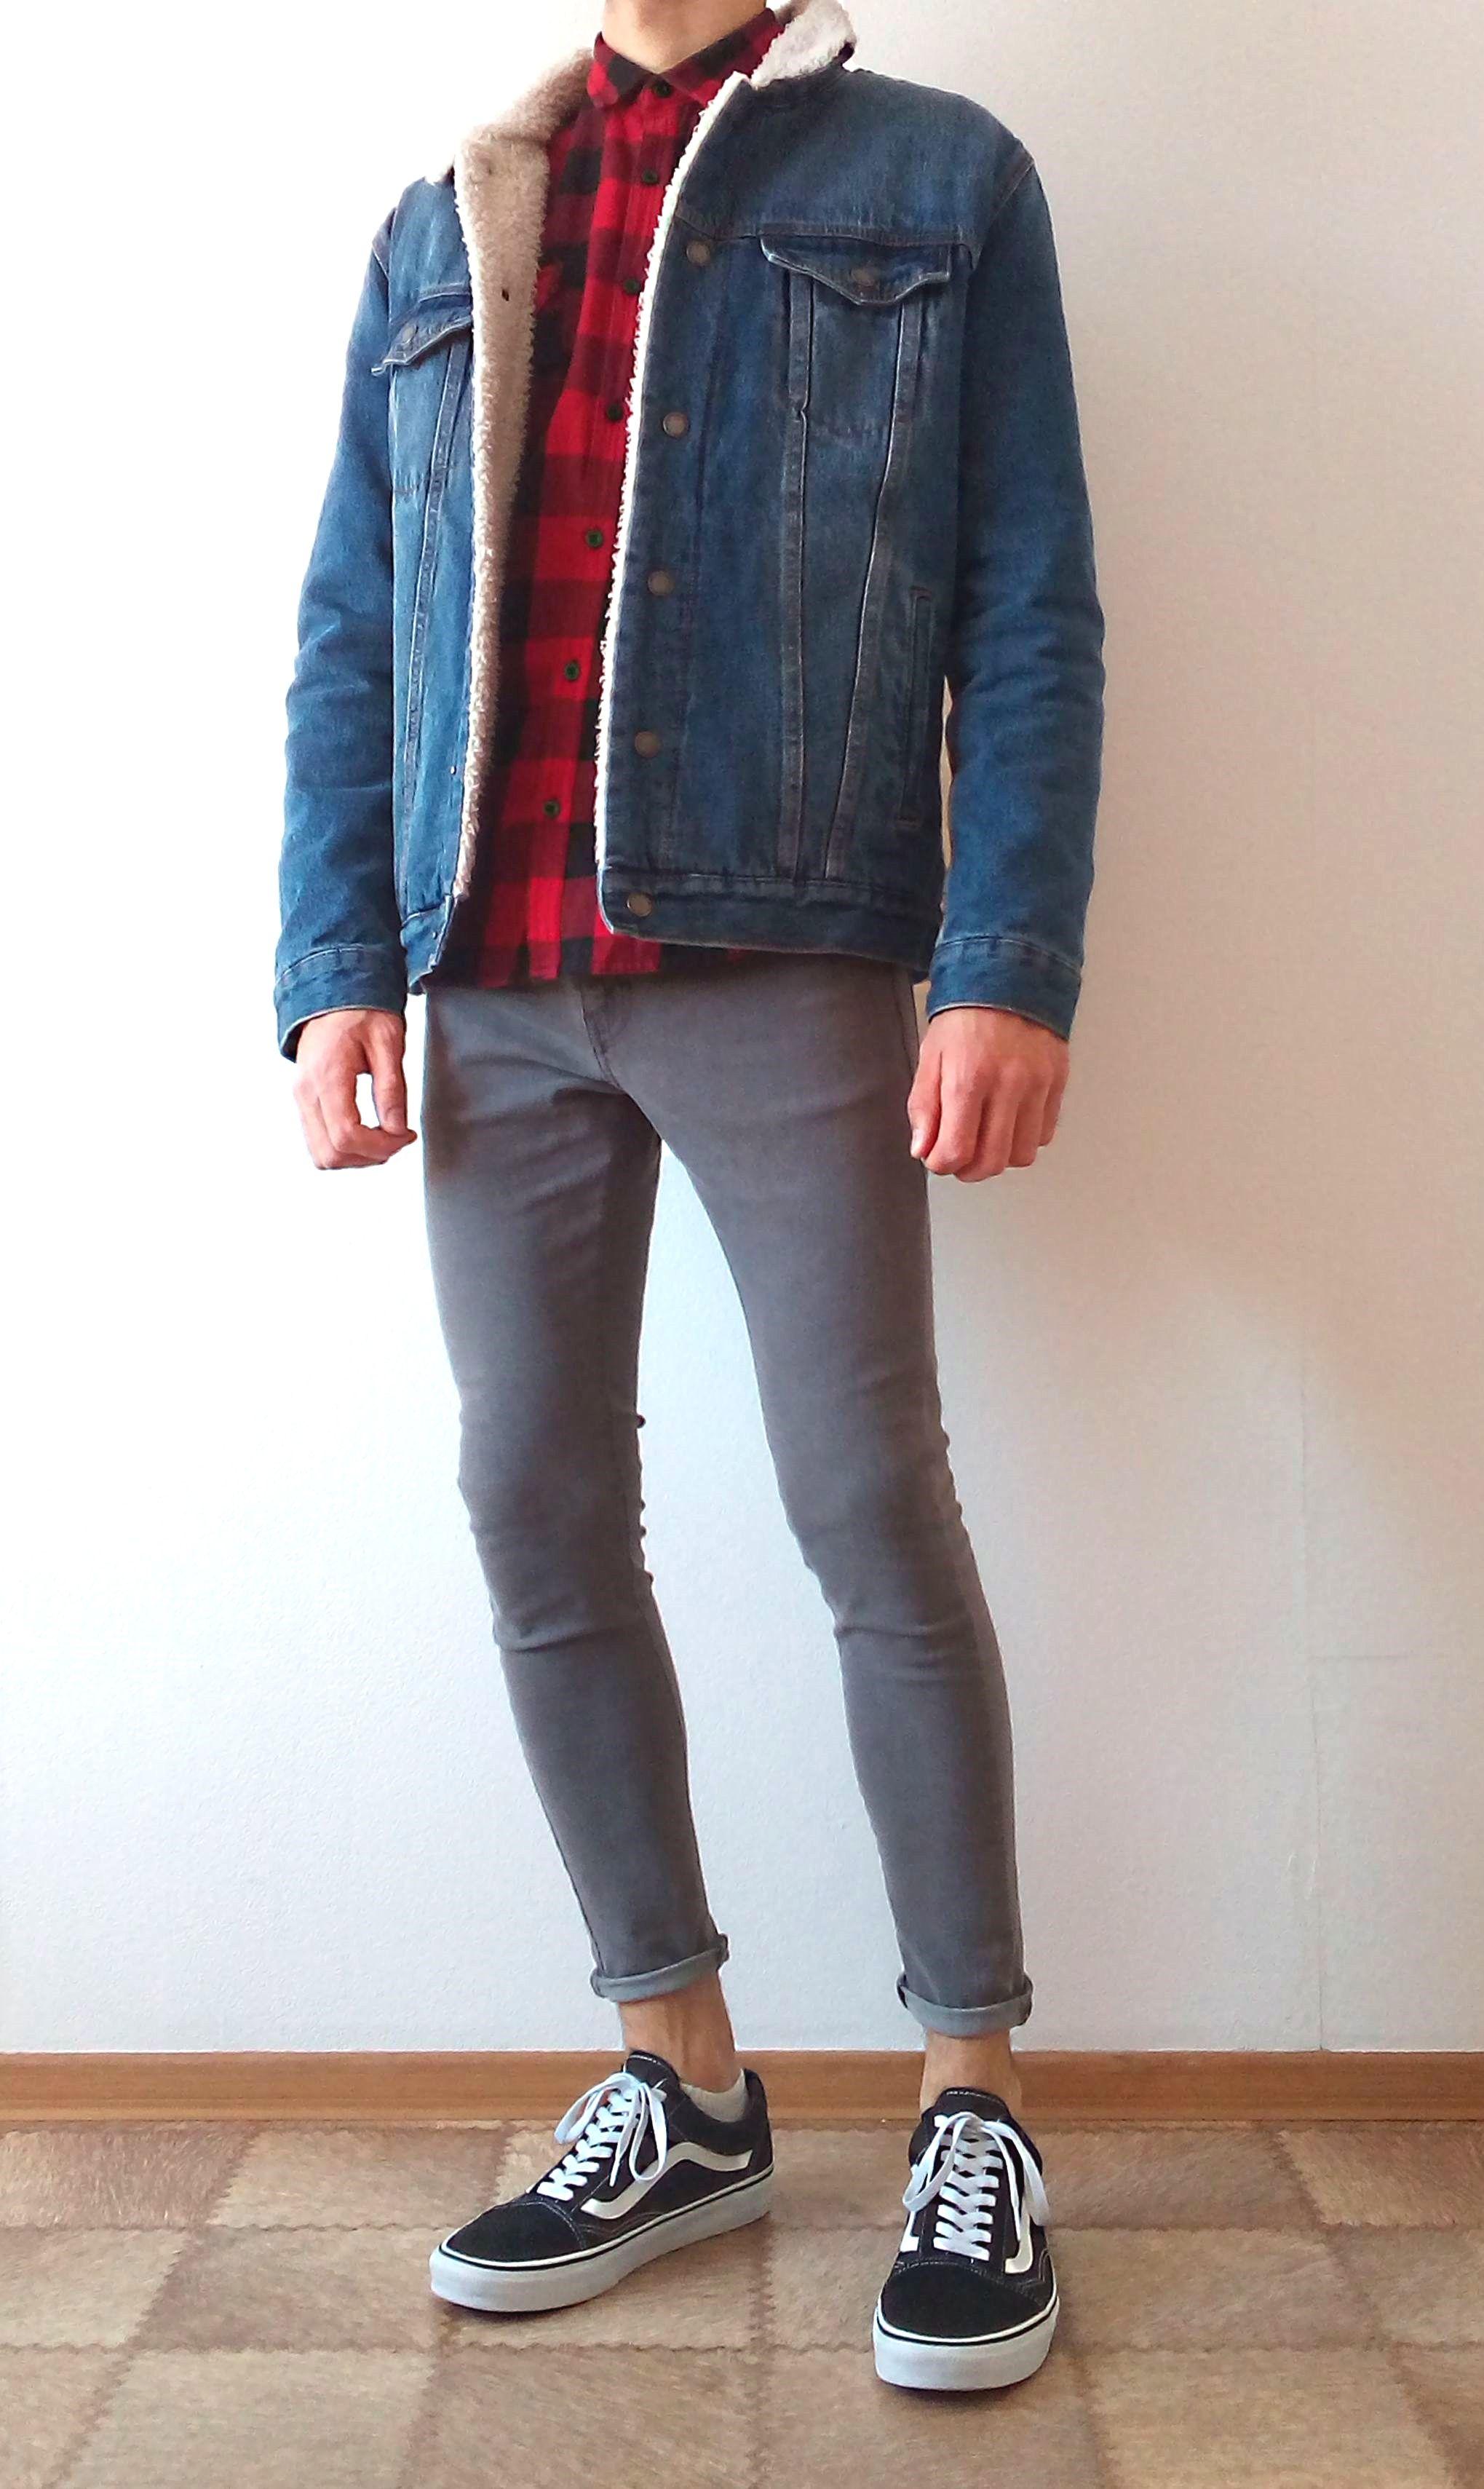 Vans Old Skool Skinny Jeans Boys Guys Outfit Vans Love Mens Outfits Mens Clothing Styles Skinny Jeans Boys